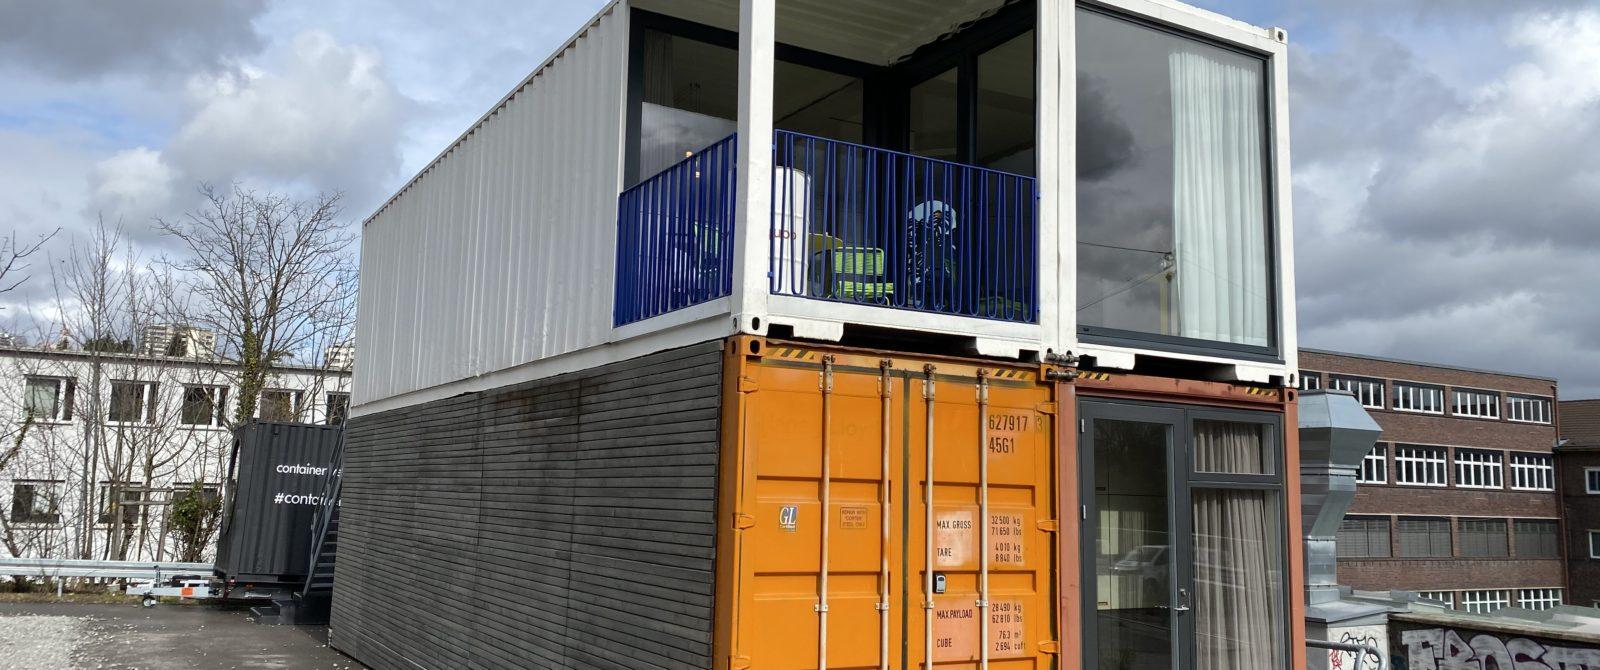 Containerwerk Stuttgart